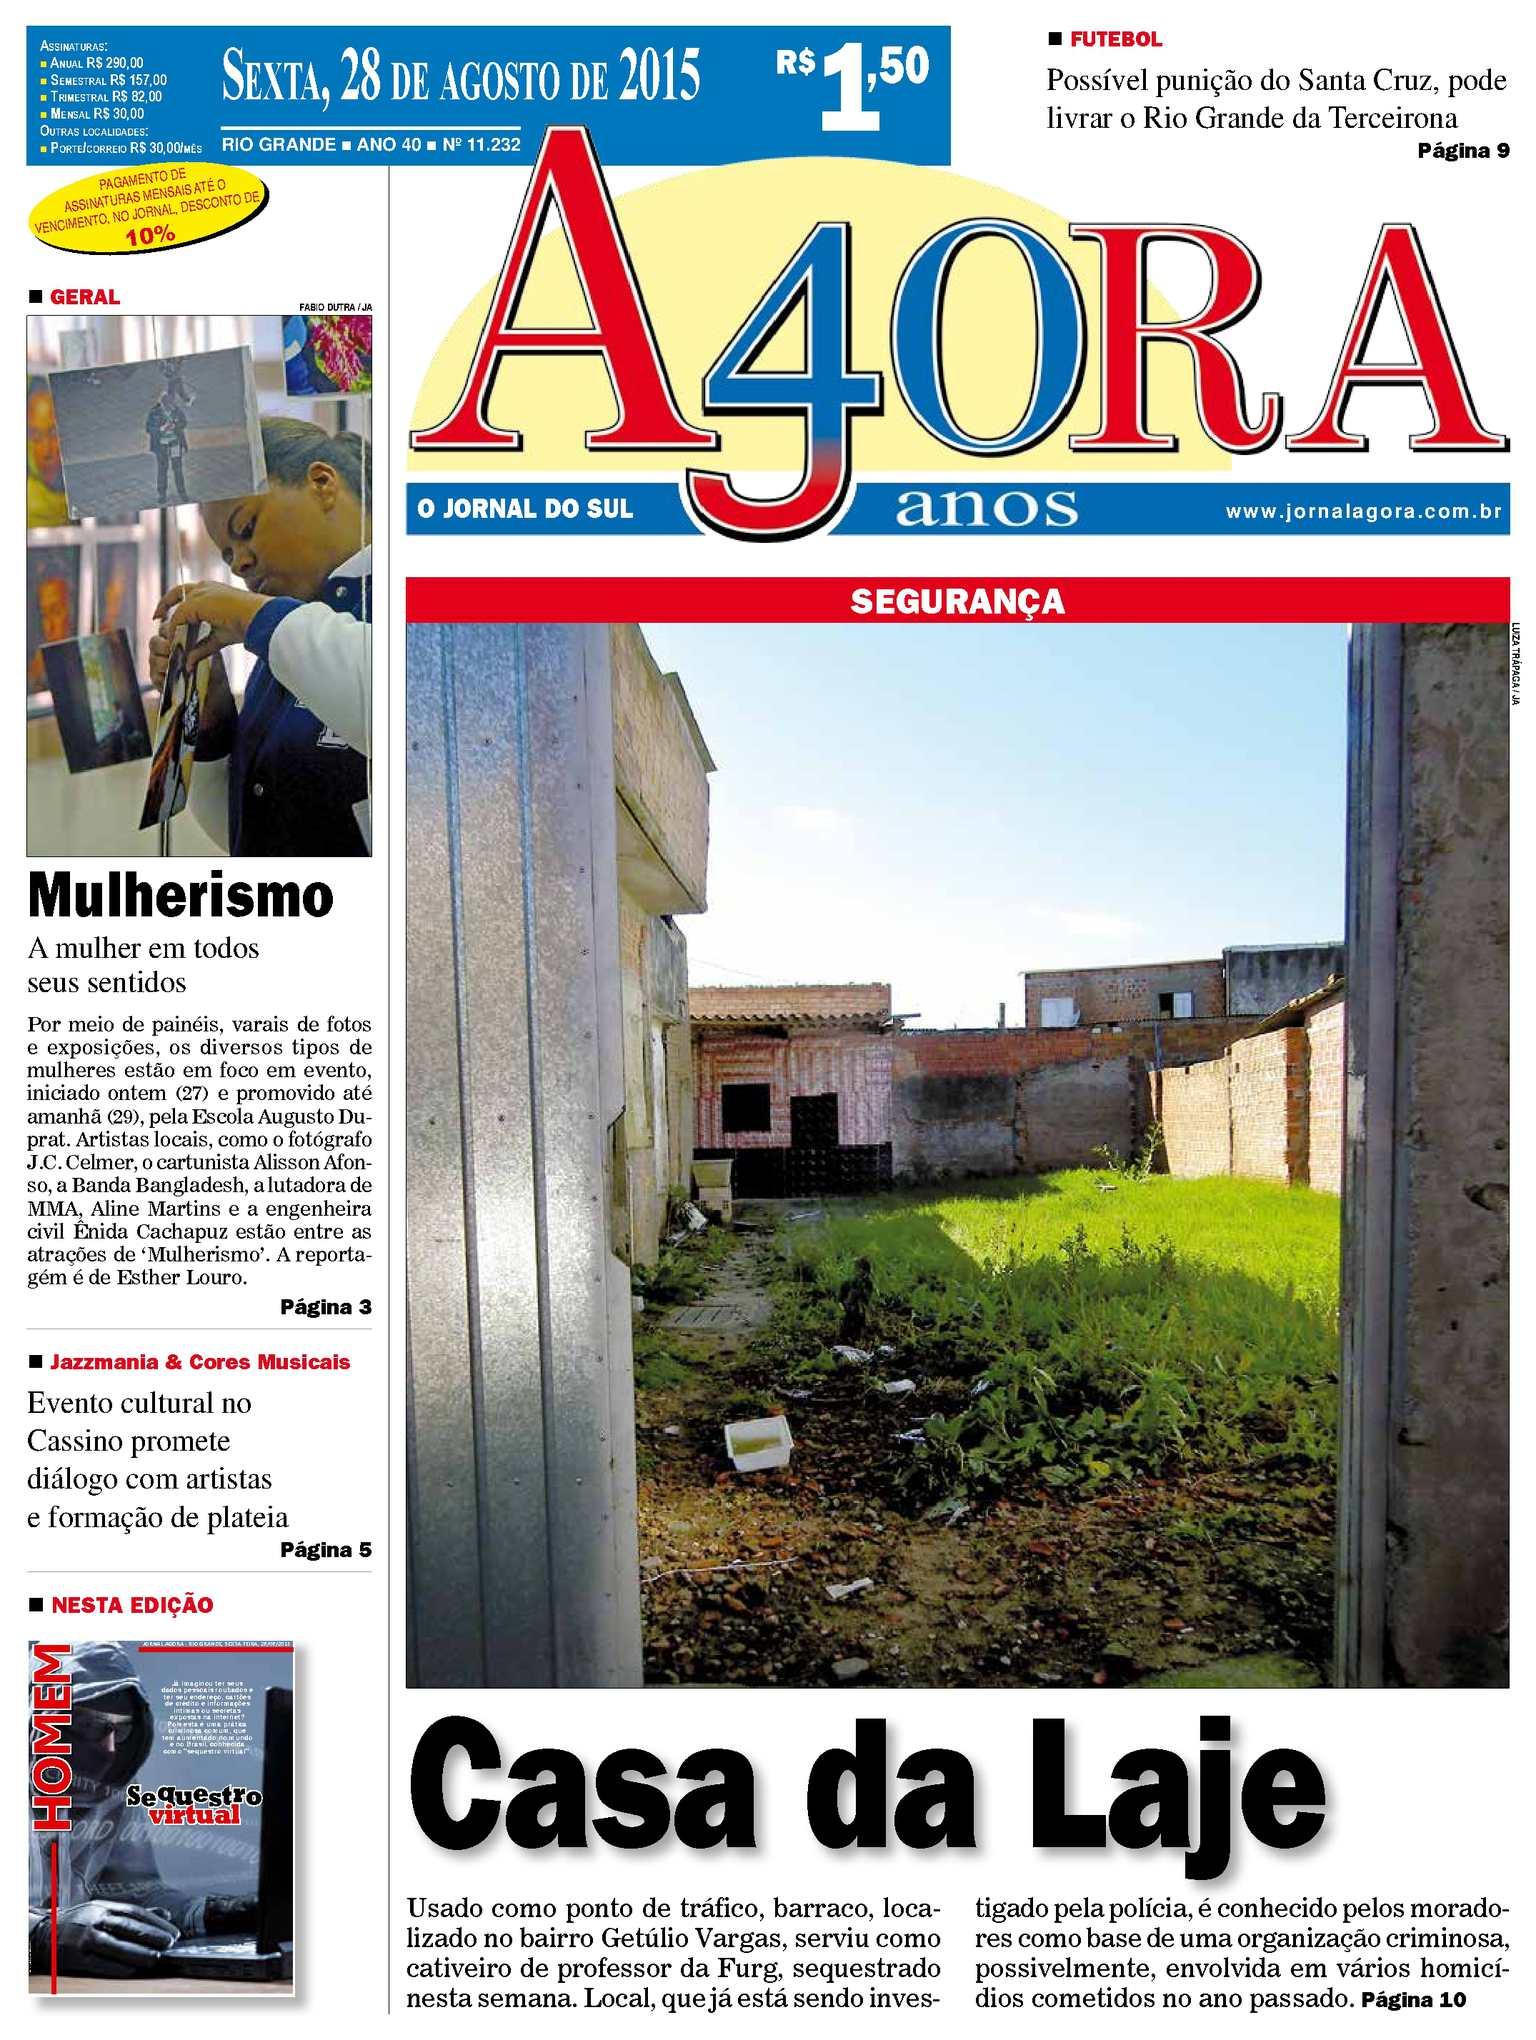 Calaméo - Jornal Agora - Edição 11232 - 28 de Agosto de 2015 34889a3c4ed